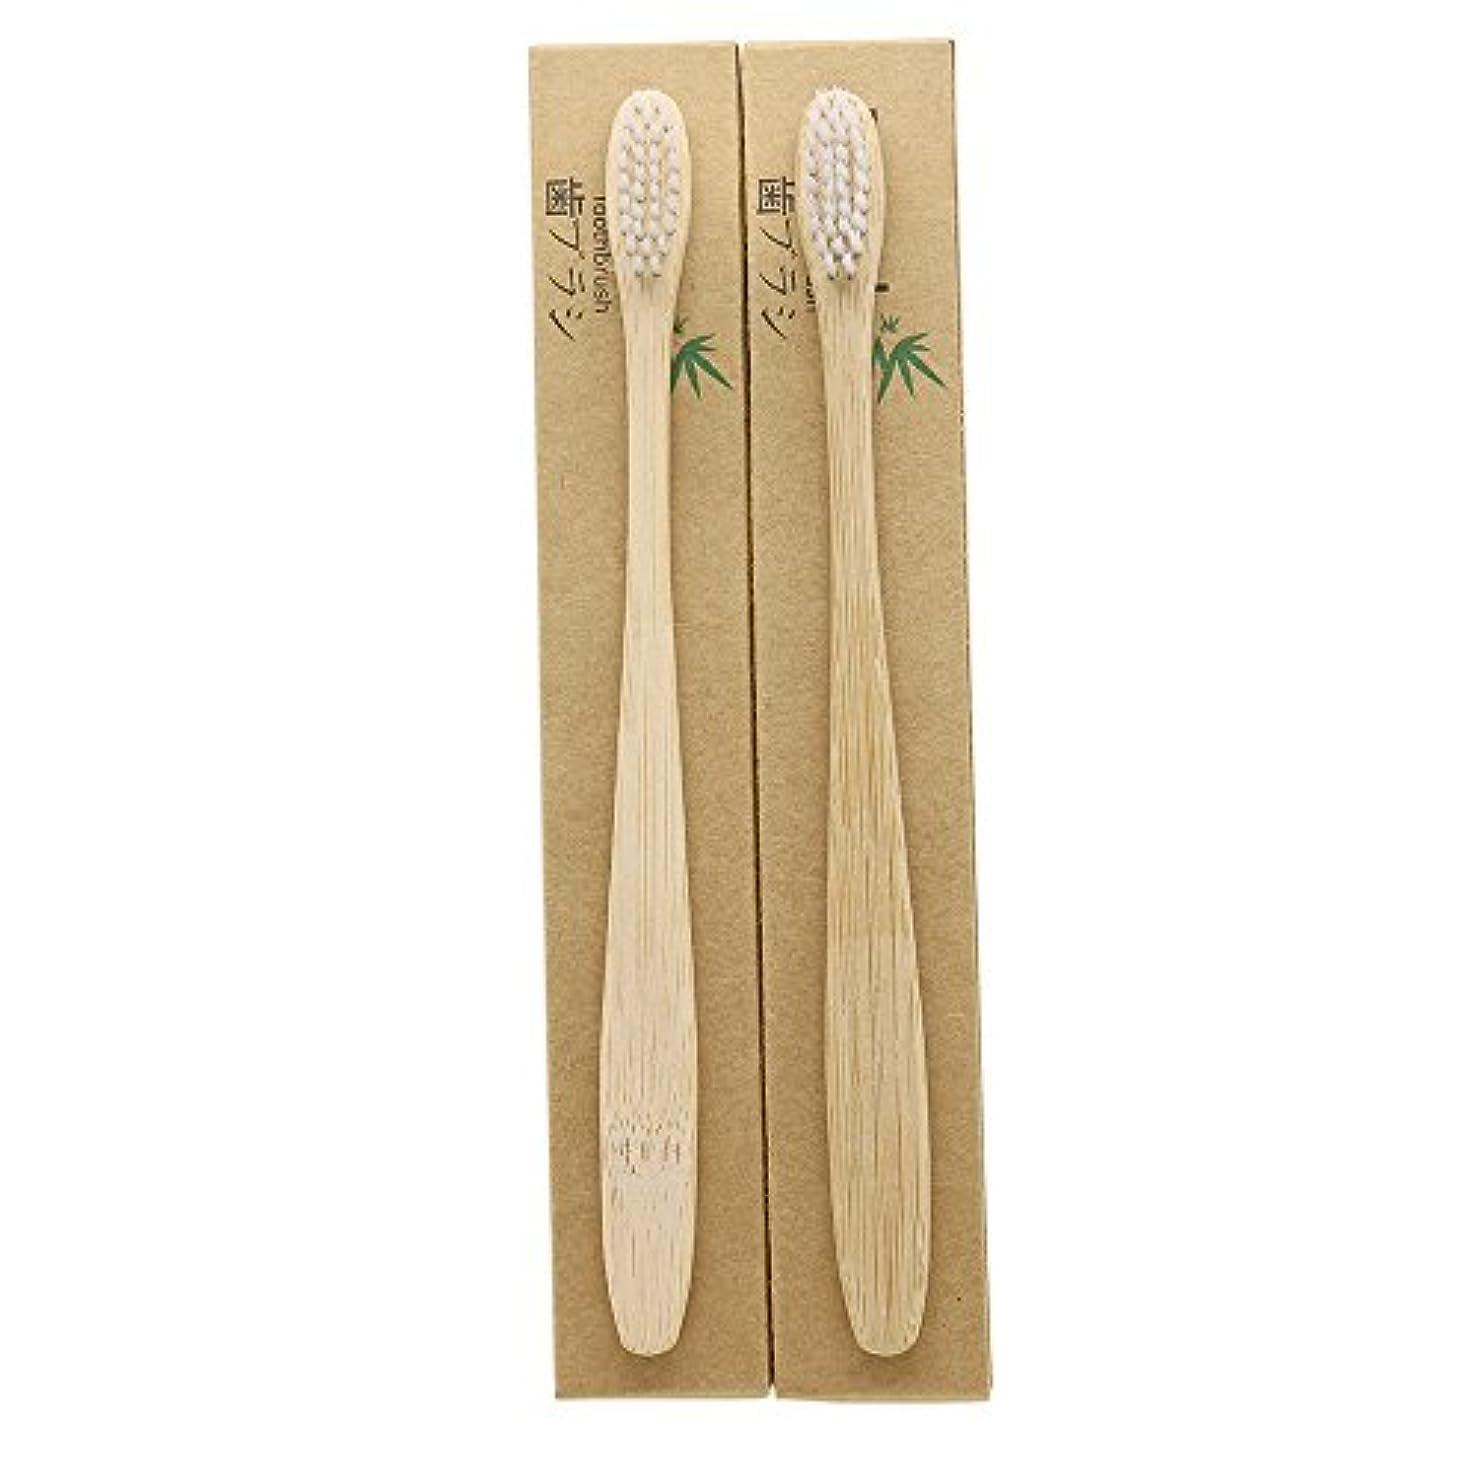 サイバースペースピケ大佐N-amboo 竹製耐久度高い 歯ブラシ 2本入り セット エコ ヘッド小さい 白い